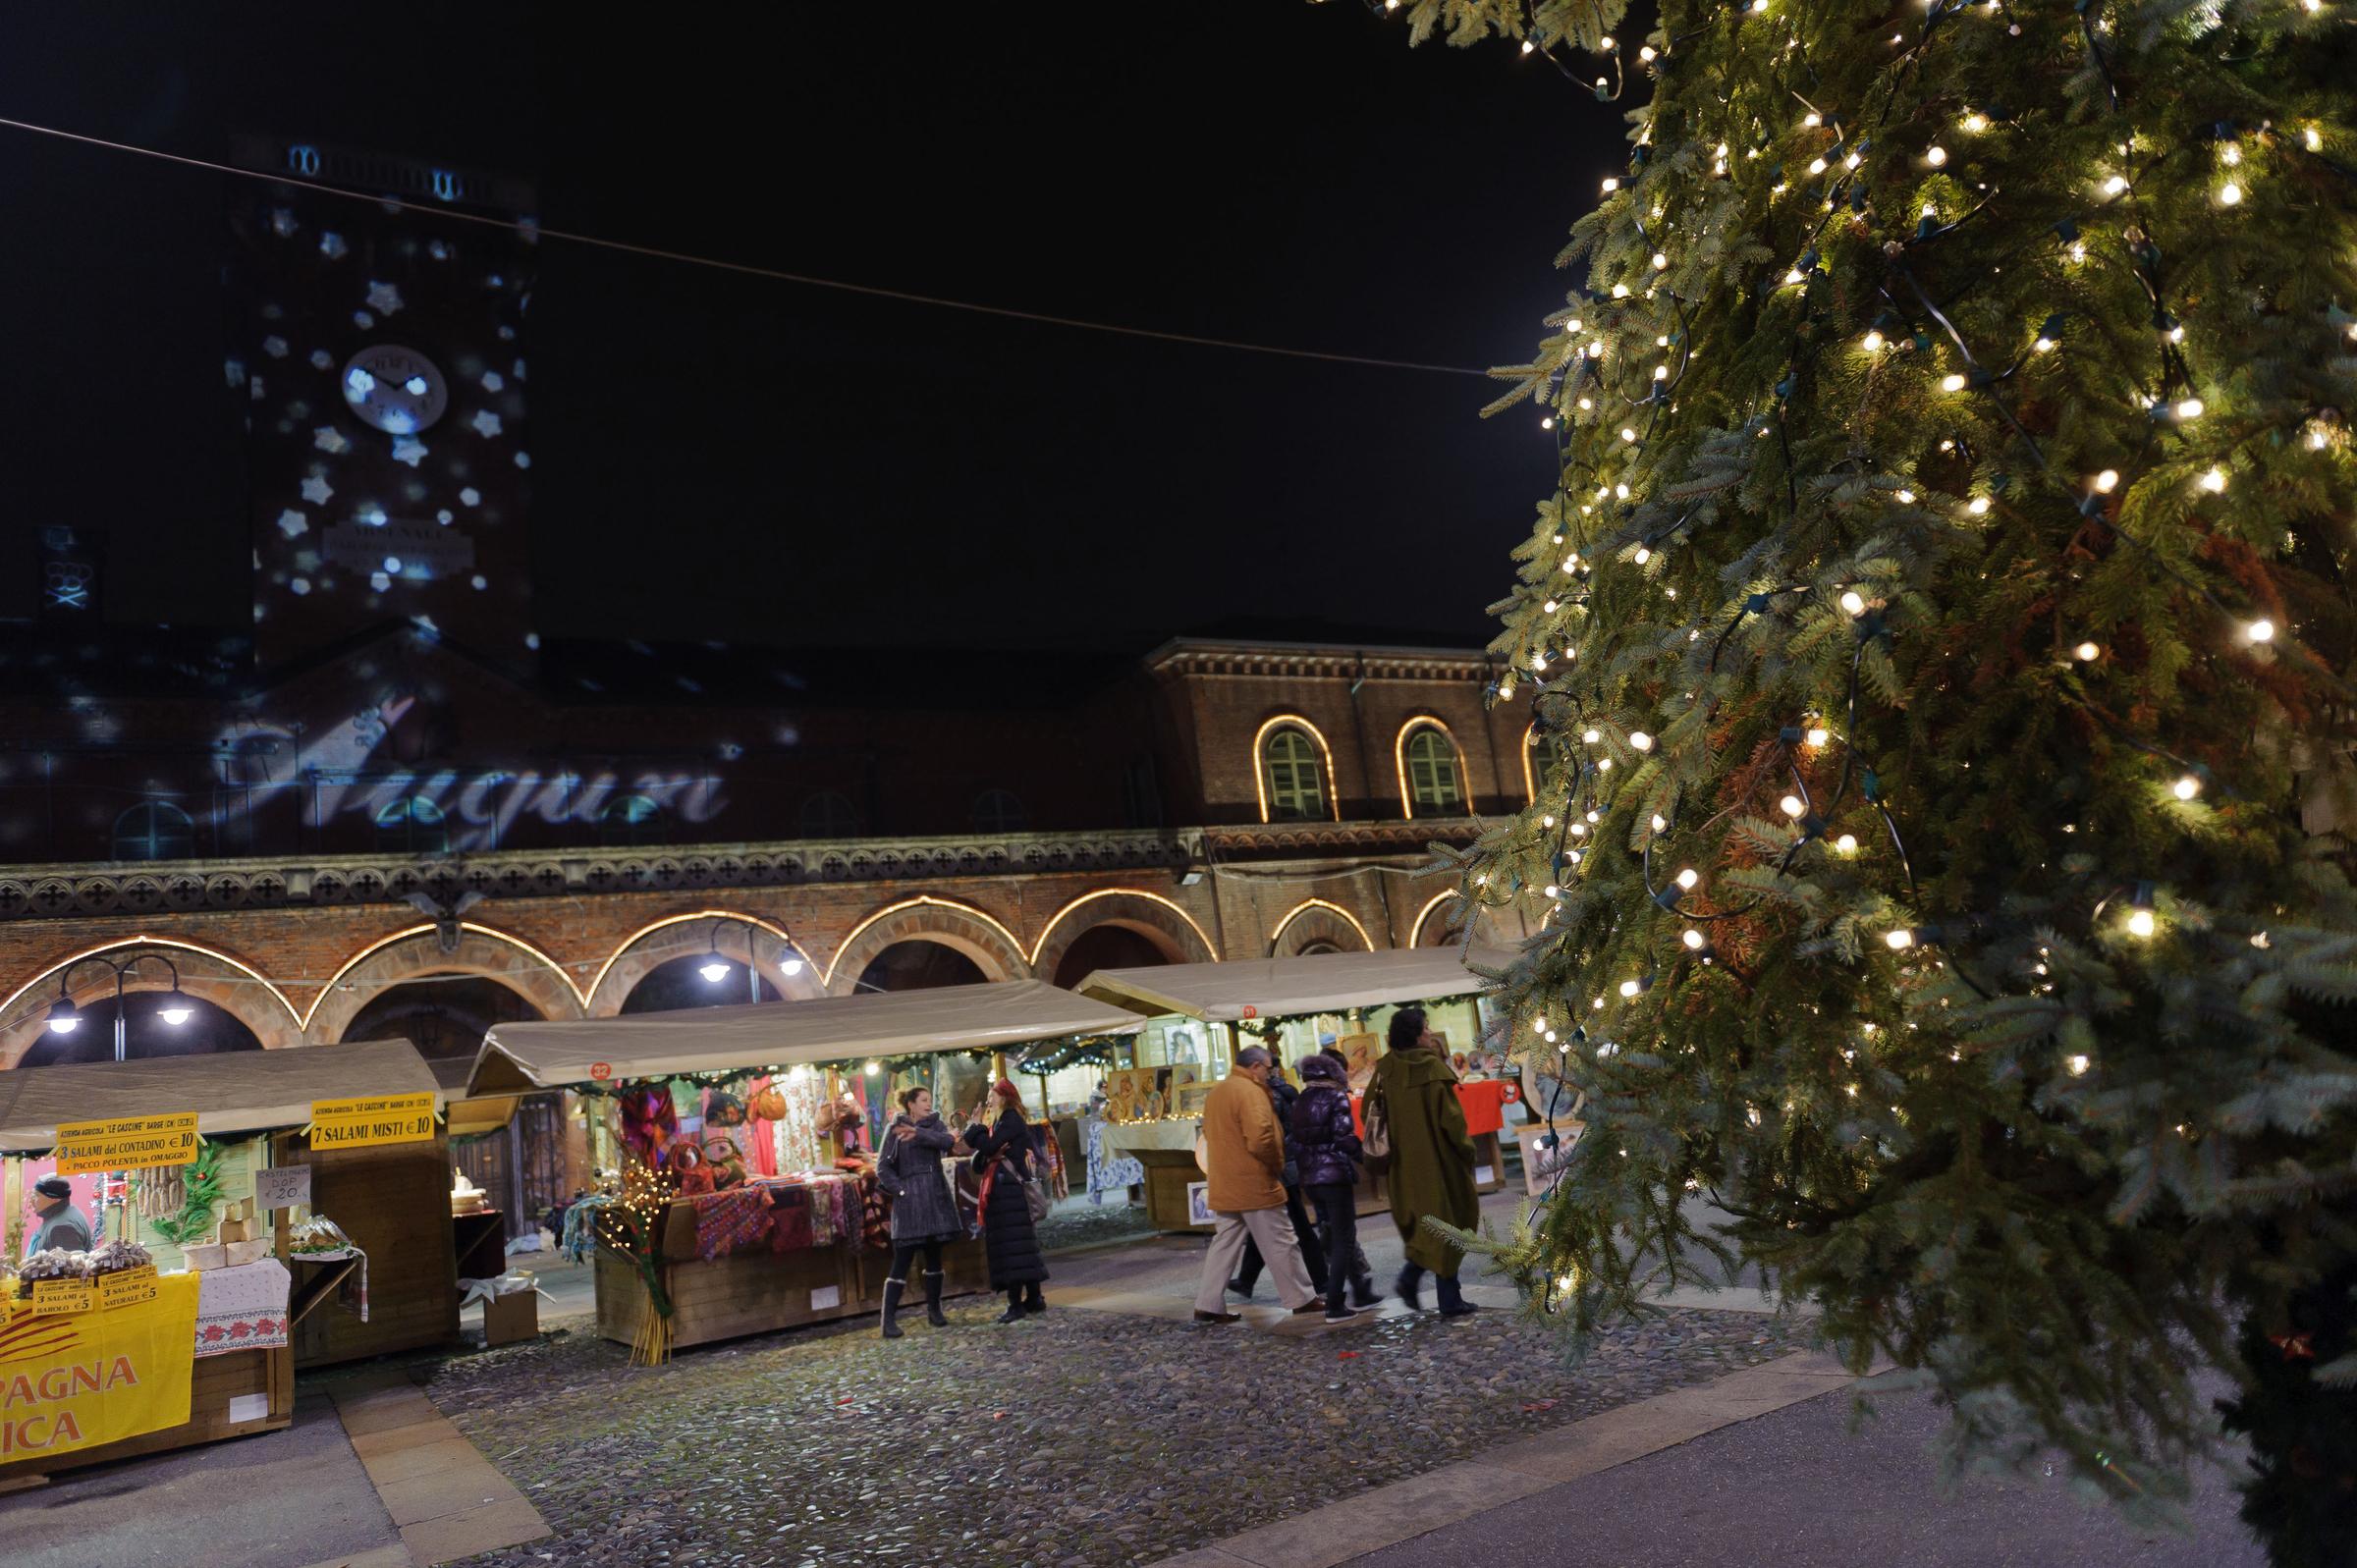 Immagini Di Torino A Natale.I Mercatini A Torino Un Natale Magico